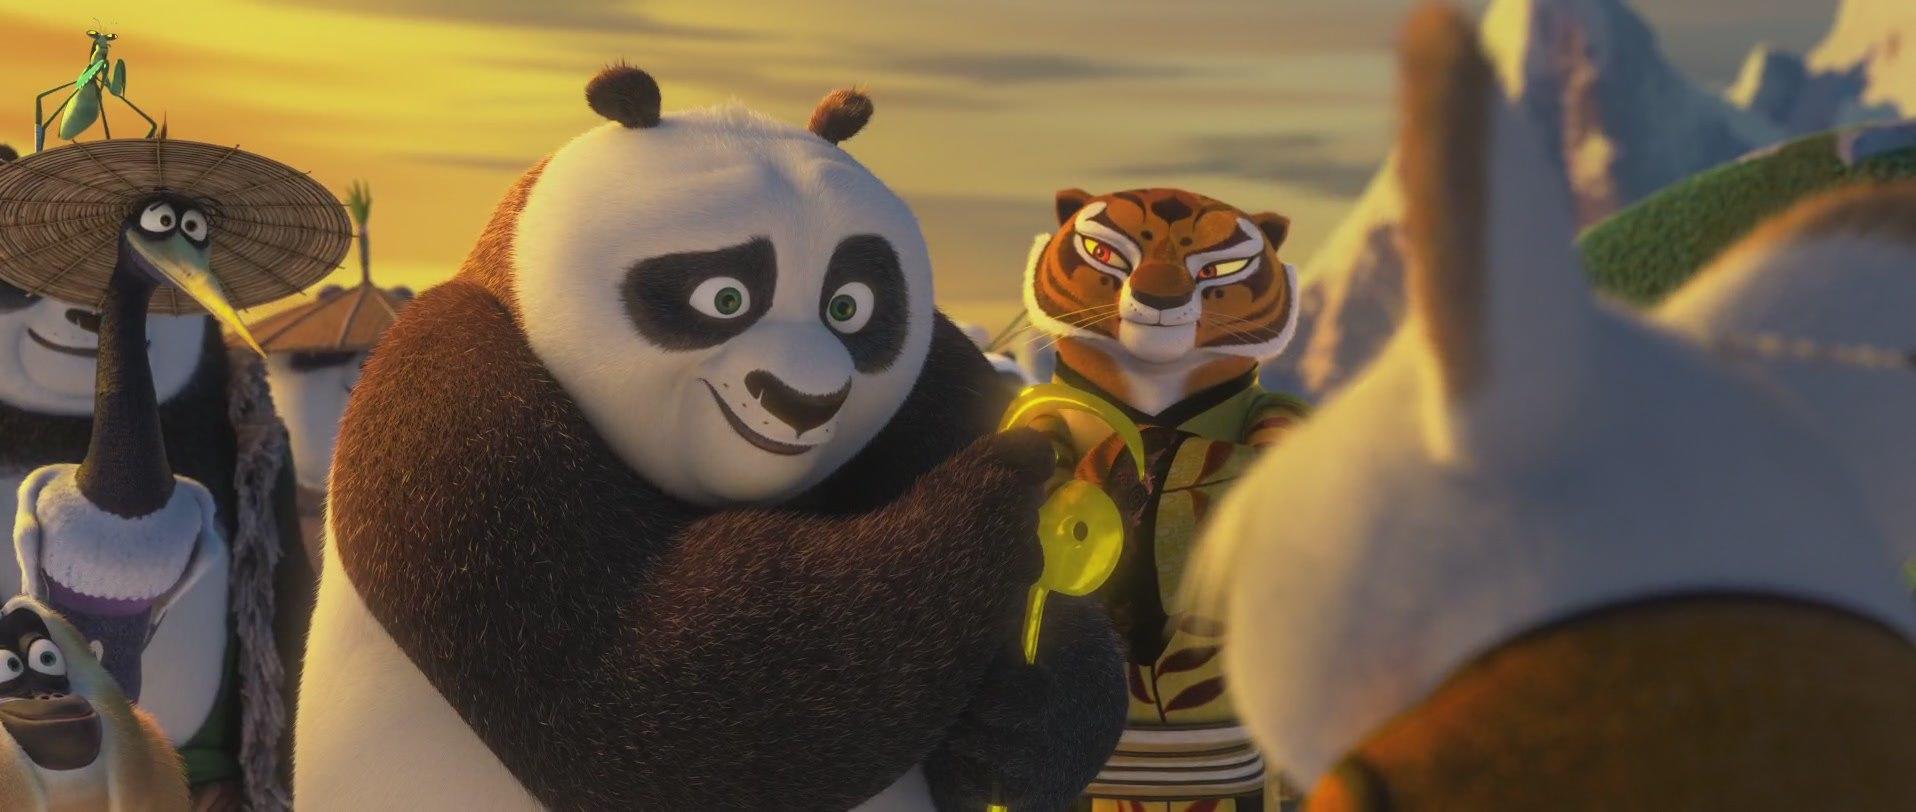 тигрица и панда кунг-фу 2016